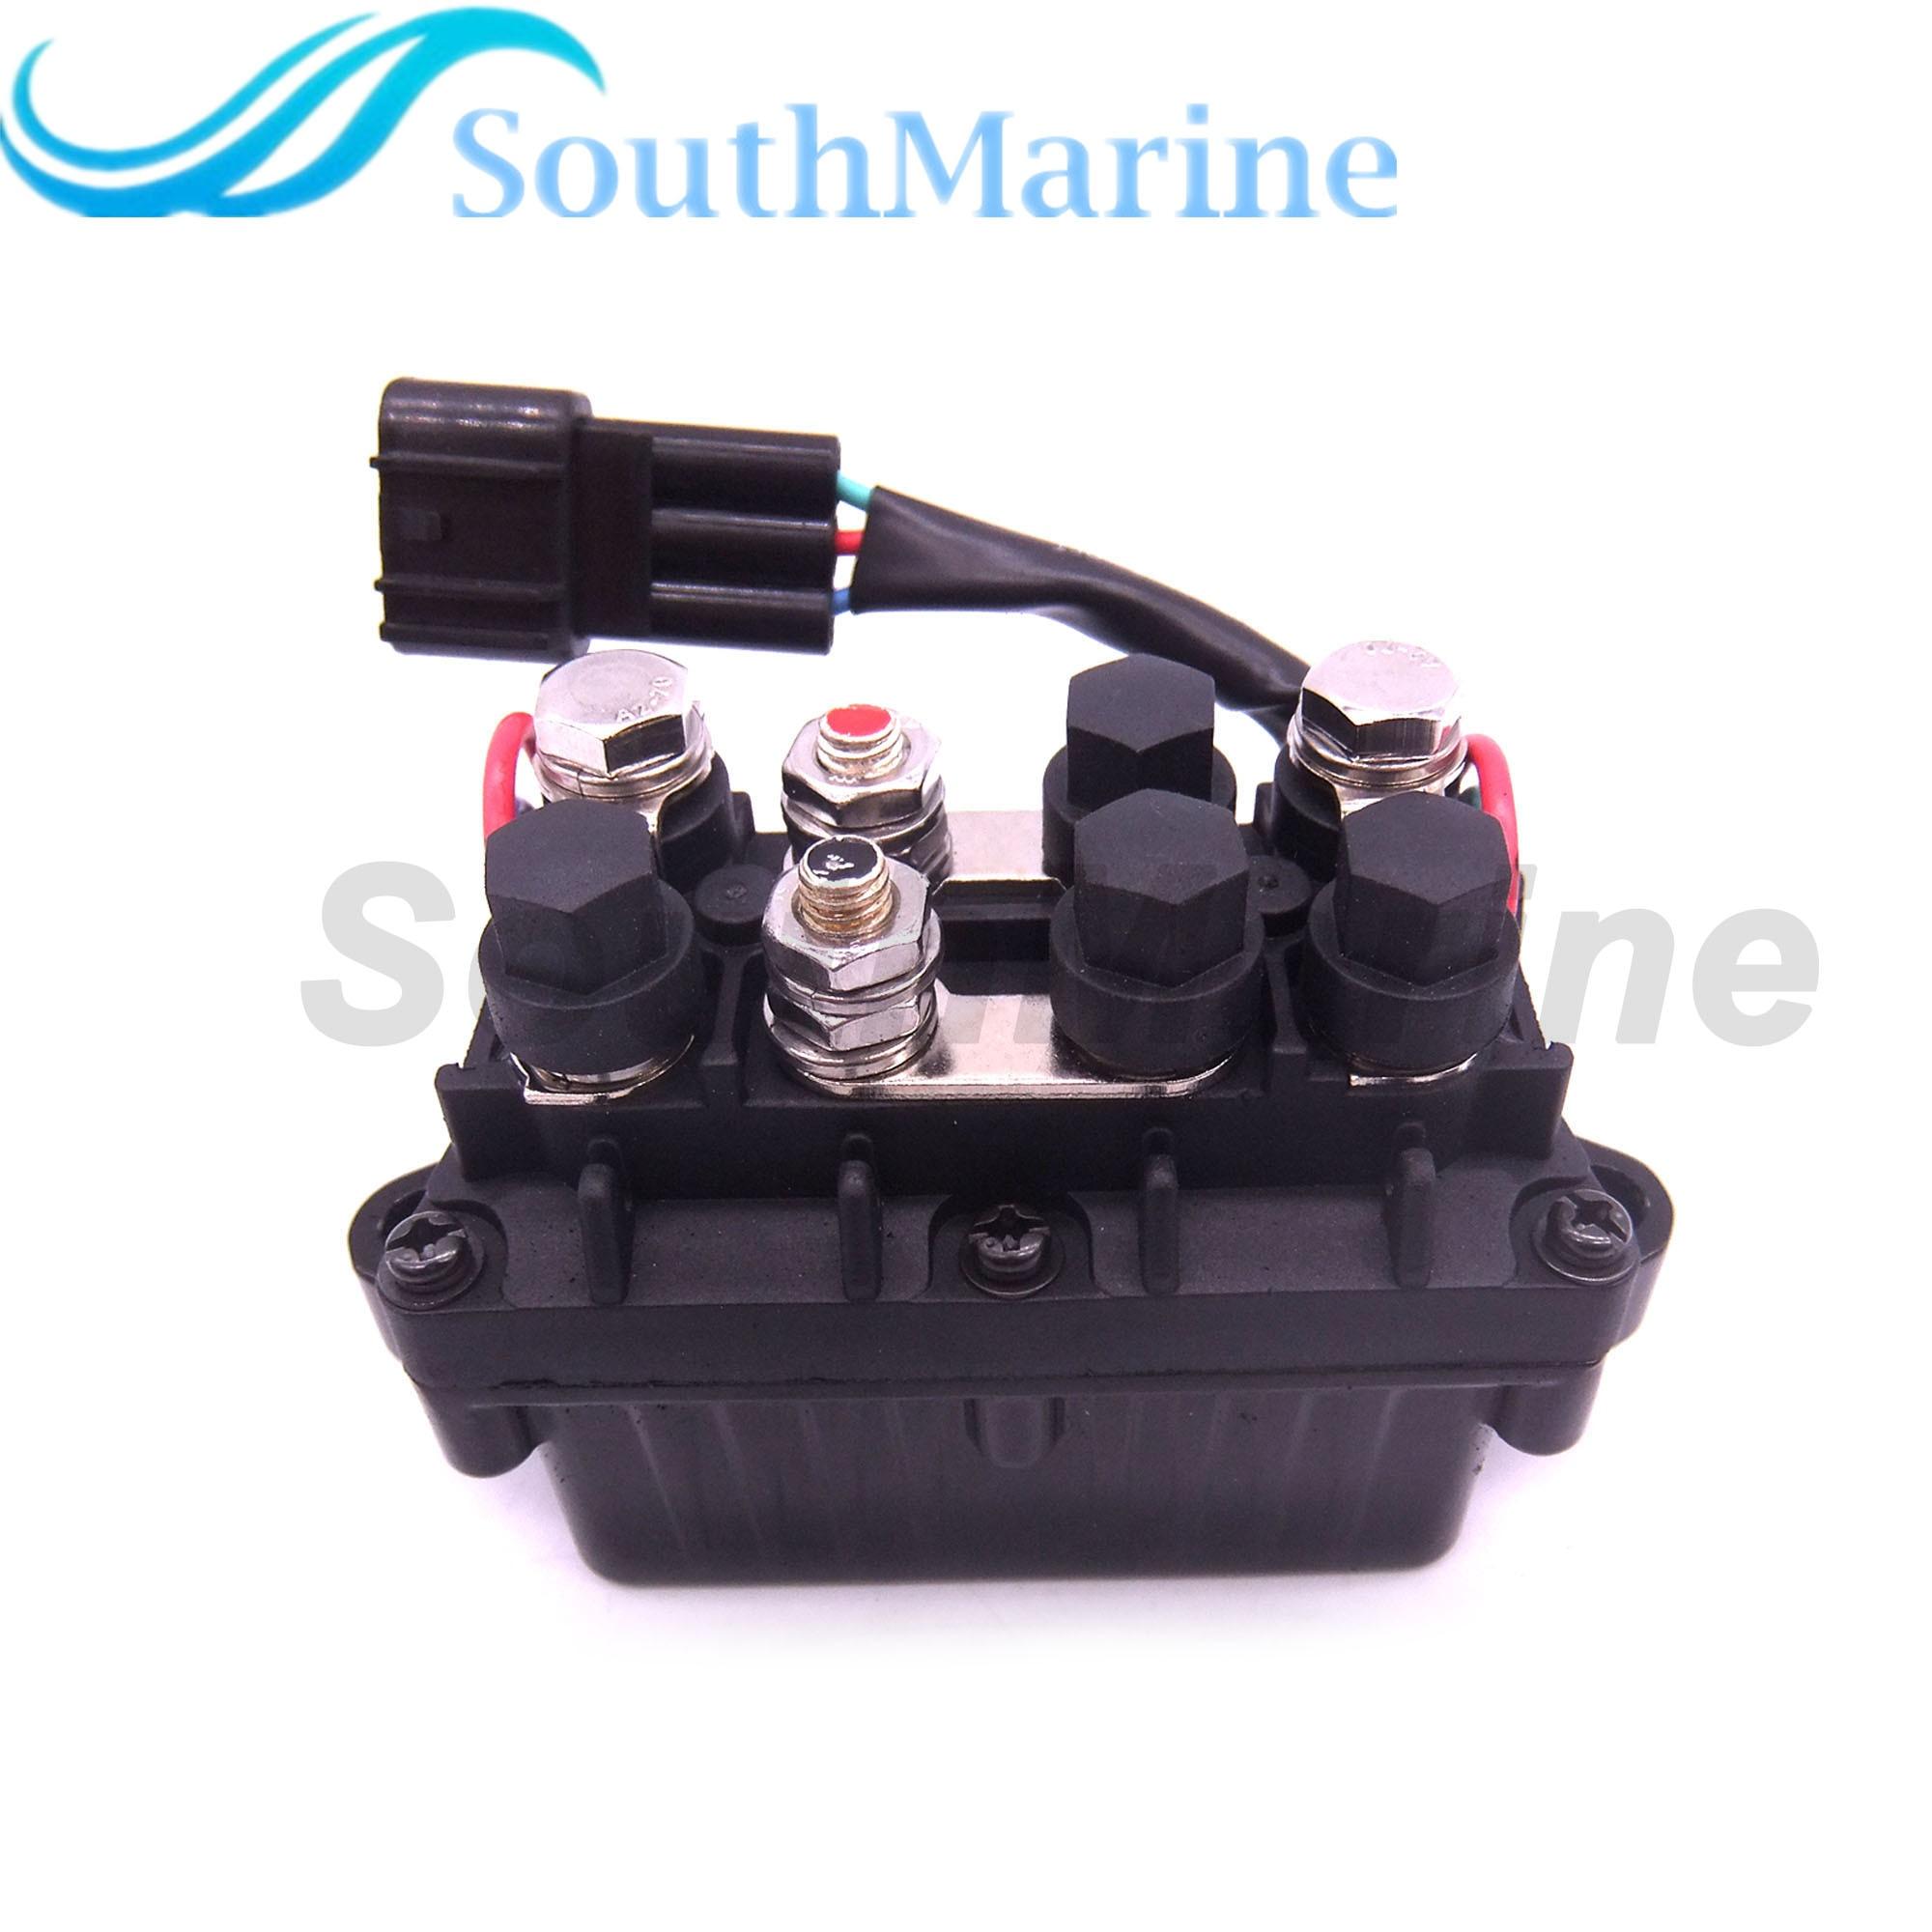 Engine6AW-81950-00 Relé Assy para Yamaha motor de popa 200HP 225HP 250HP 300HP 350HP